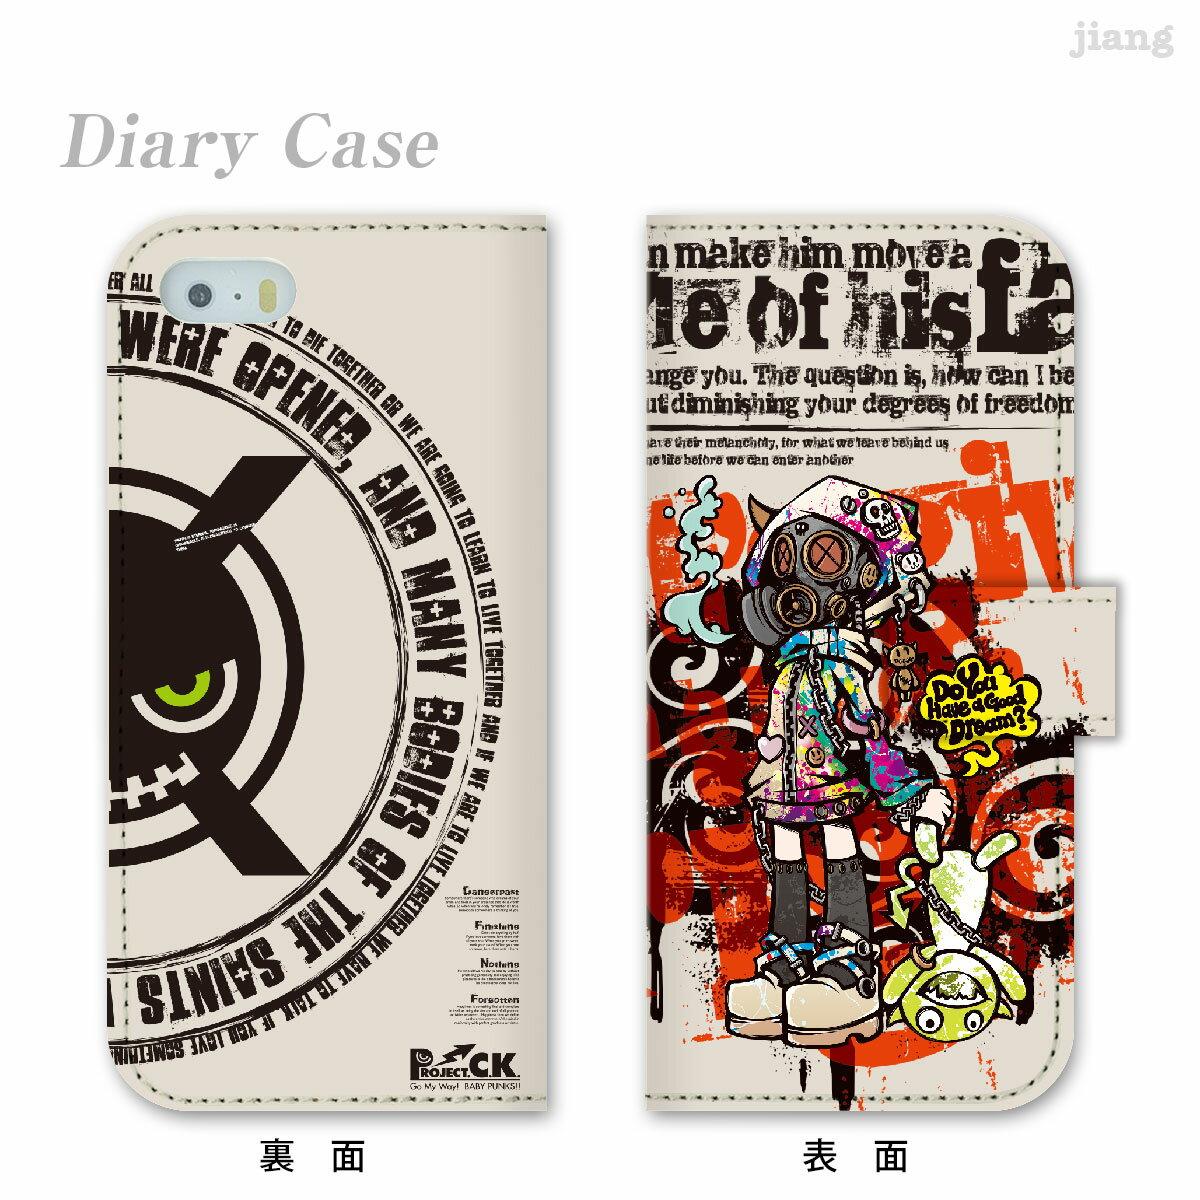 スマホケース 手帳型 全機種対応 手帳 ケース カバー レザー イラスト iPhone7 iPhone6s iPhone6 Plus iPhone SE iPhone5s Xperia X Performance SO-04H Z5 Z4 Z3 A4 SO-02H SO-01H SOV33 aquos SH-04H SHV34 Xx3 arrows F-03H galaxy Project.C.K. GASMASK 11-ip5-ds0005